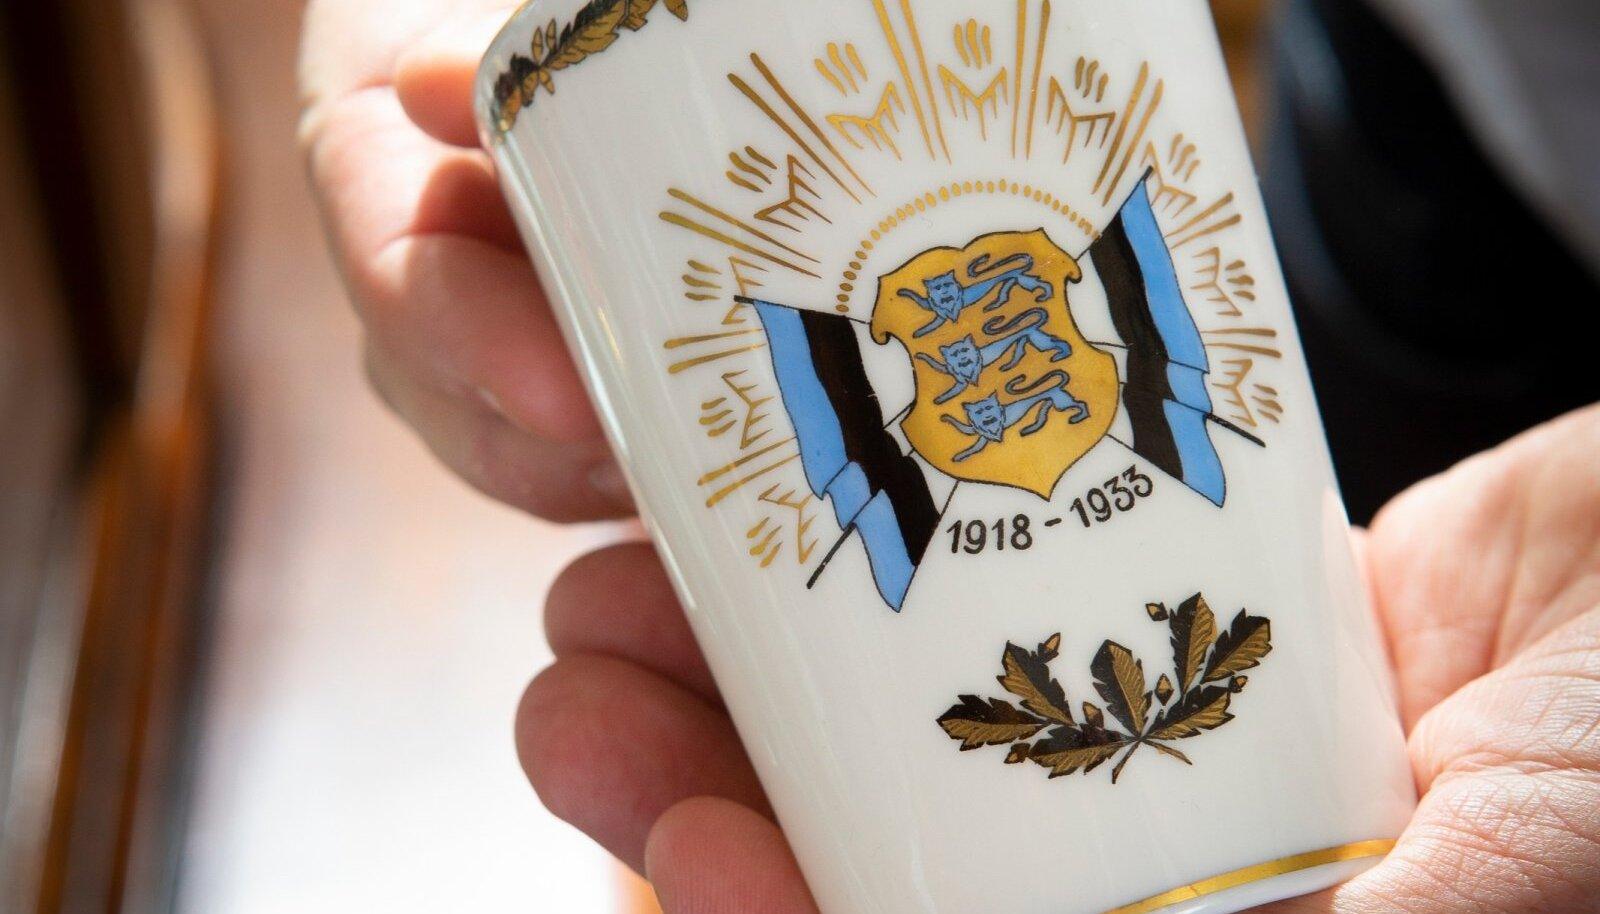 Uhke sigareti-t-ops on Lange-brauni toodang ja õnnitleb Eestit 15. sünni-päeva puhul.